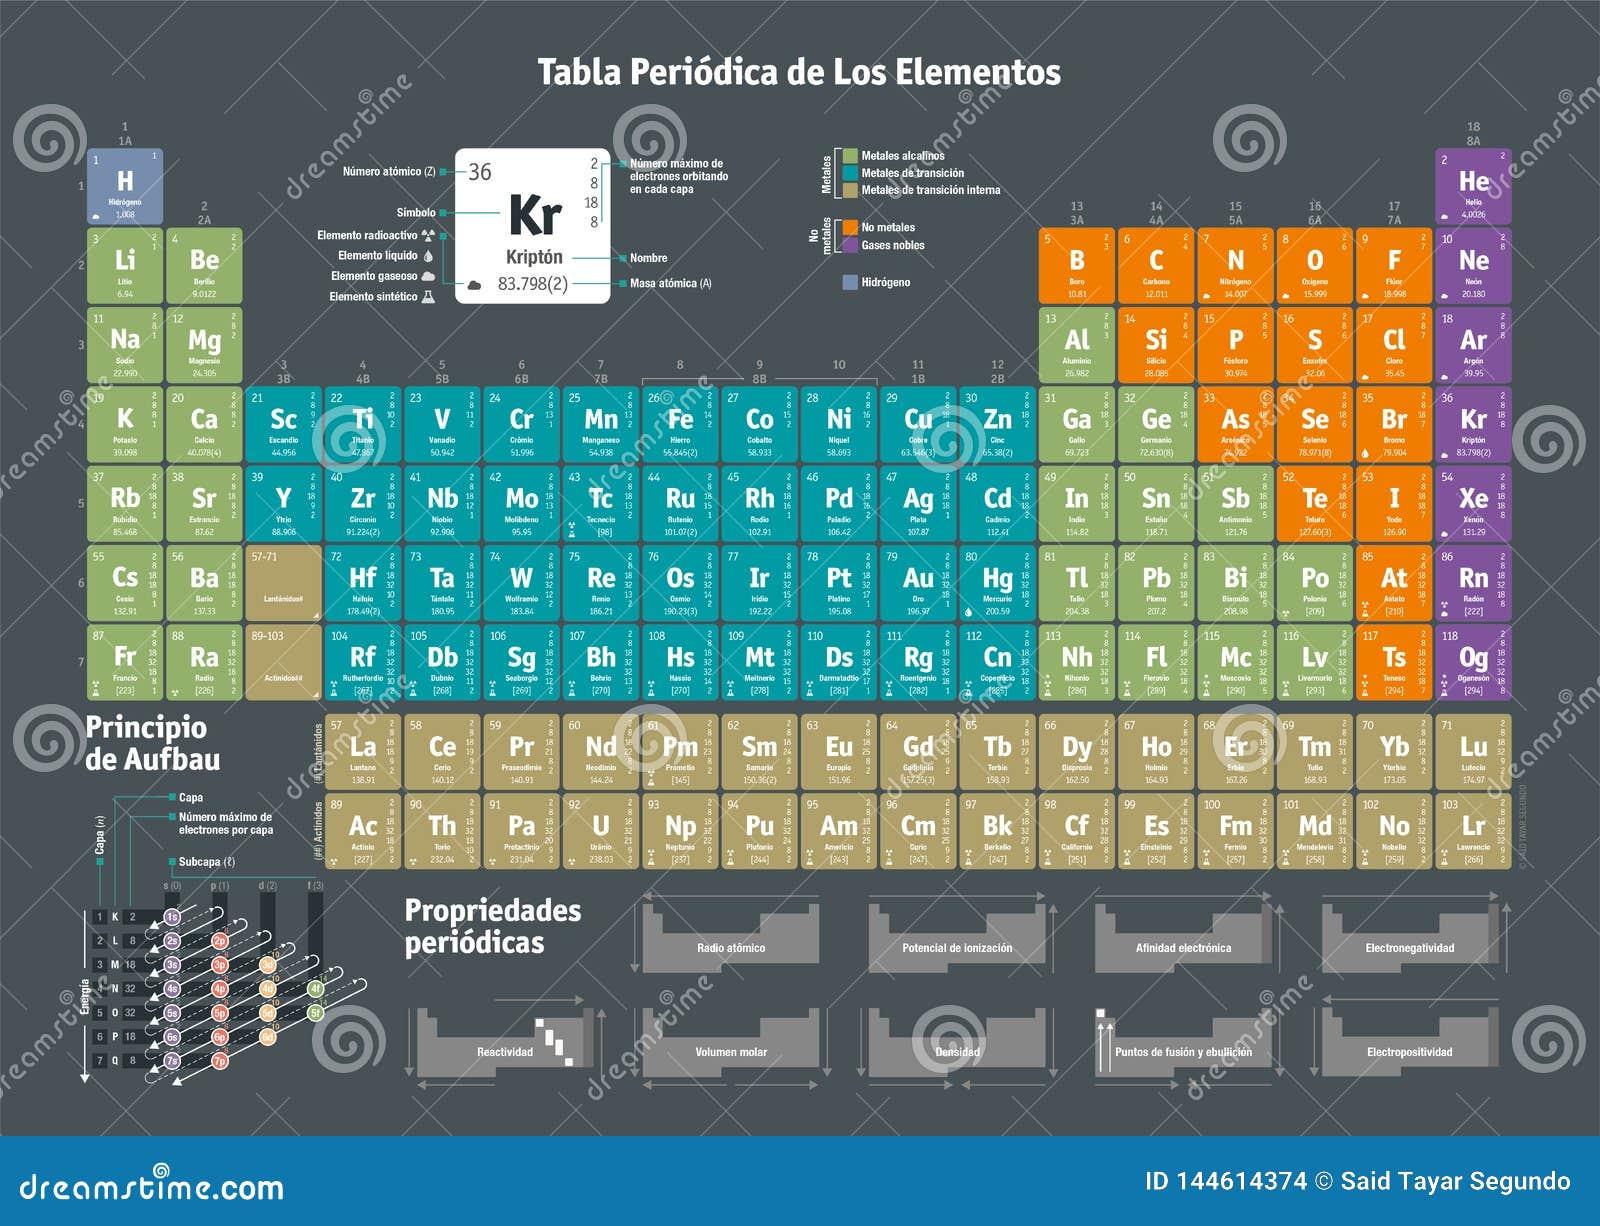 Tabella periodica degli elementi chimici - versione spagnola